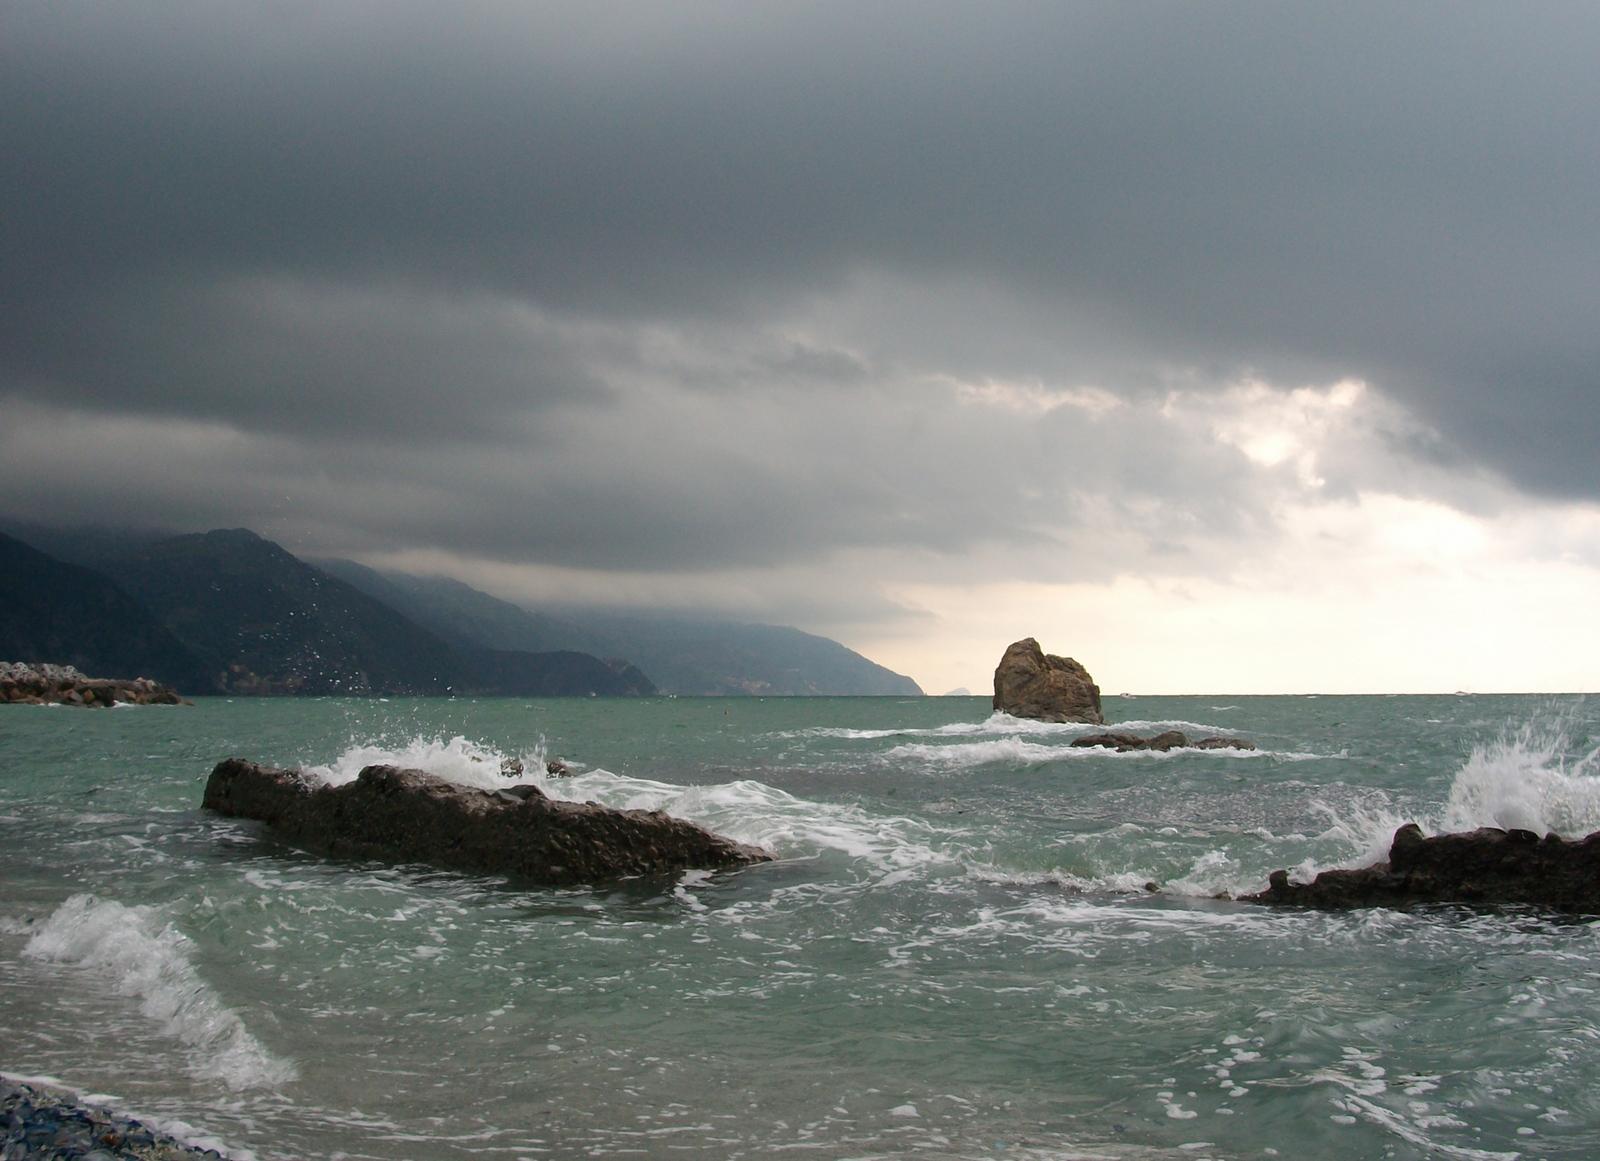 Monterosso in the Cinque Terre, Italy